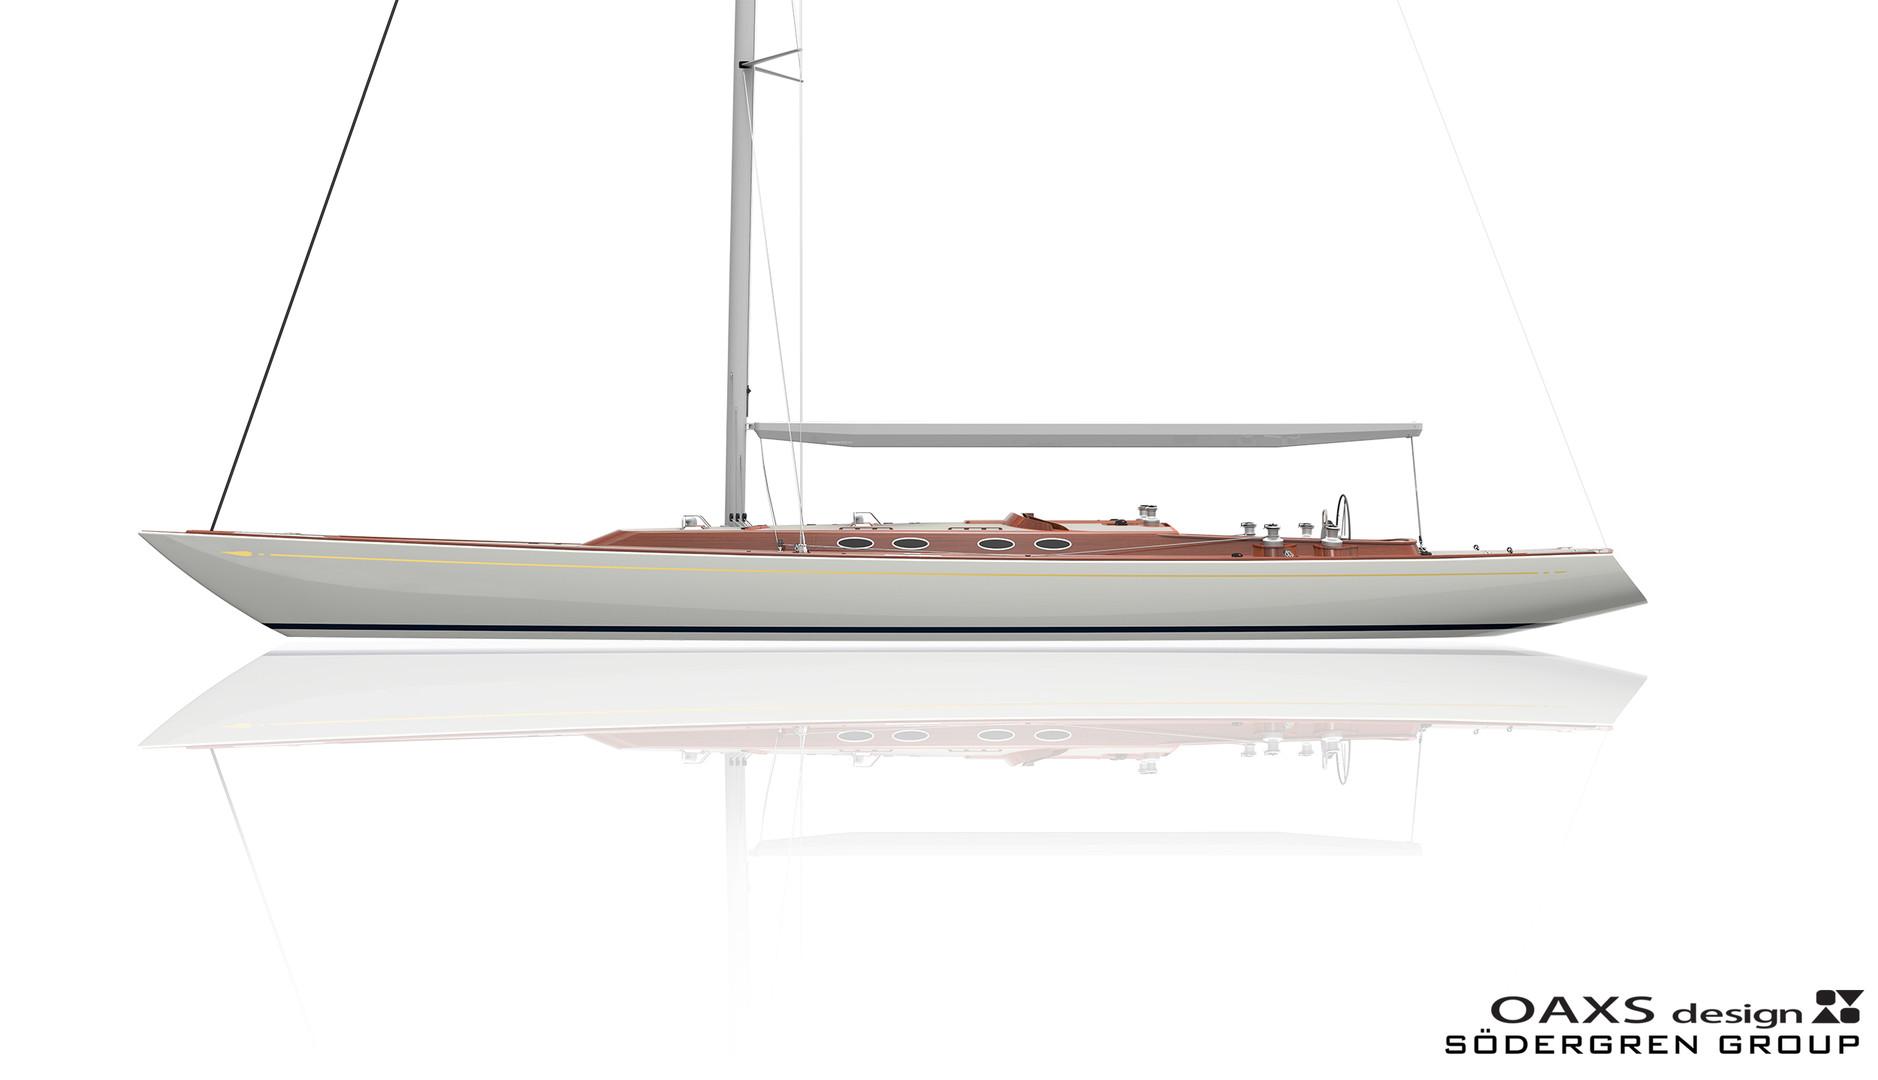 swede 68 oaxs design swedish classic yac